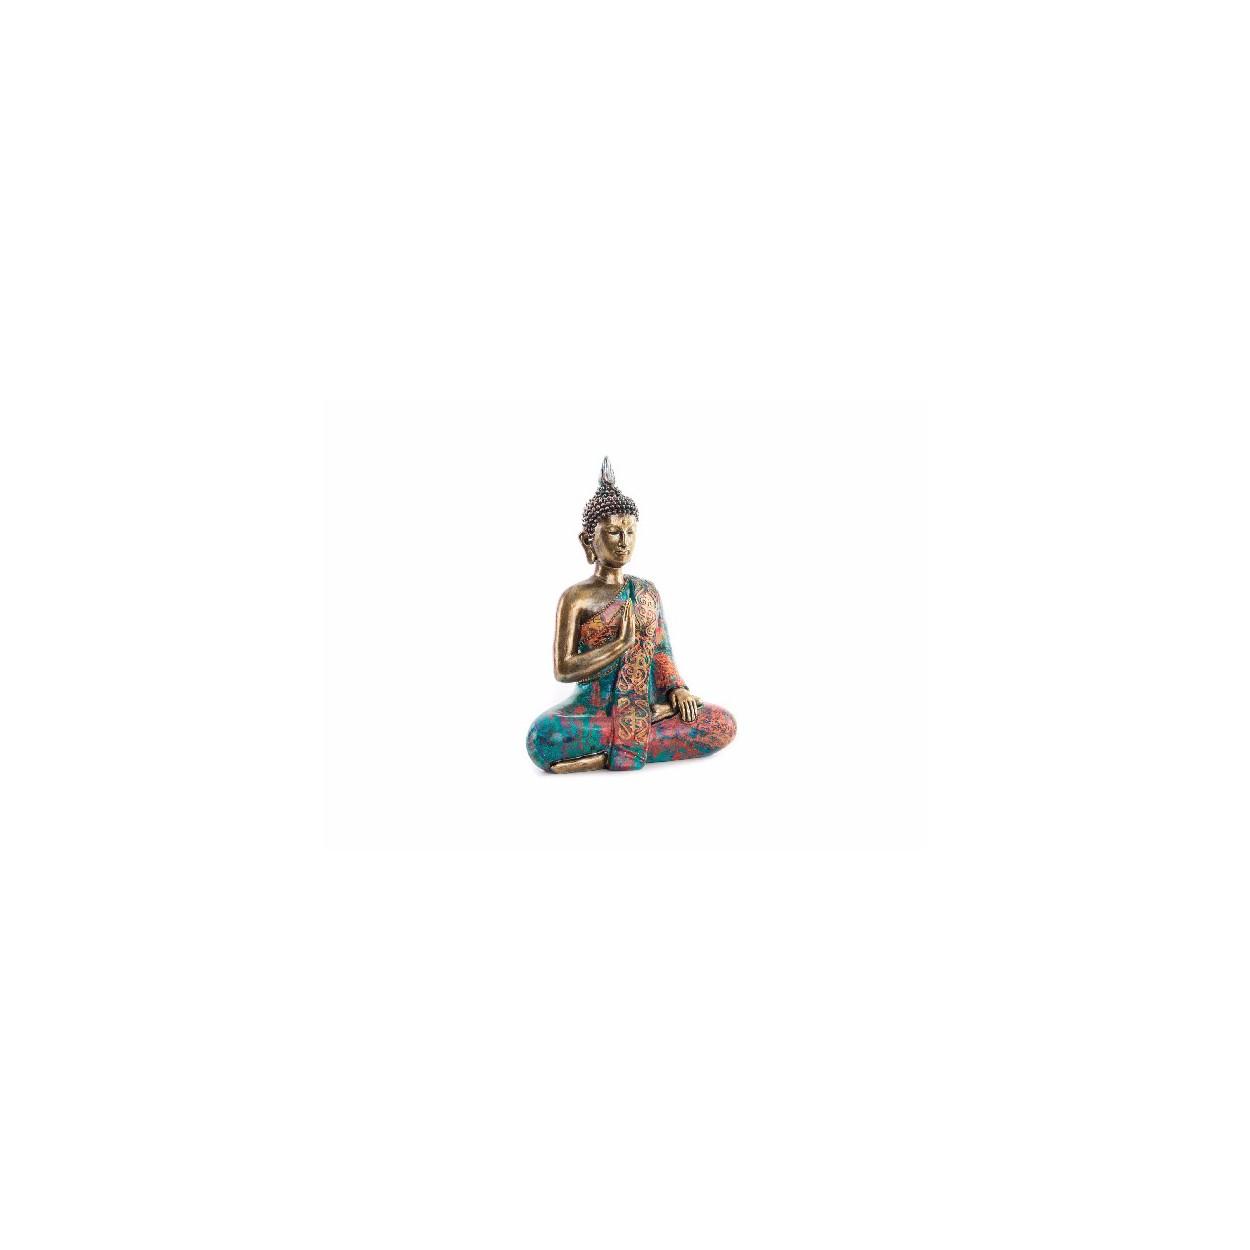 Figura resina de buda original zen multicolor hogar y mas hogar y m s - Figuras buda decoracion ...